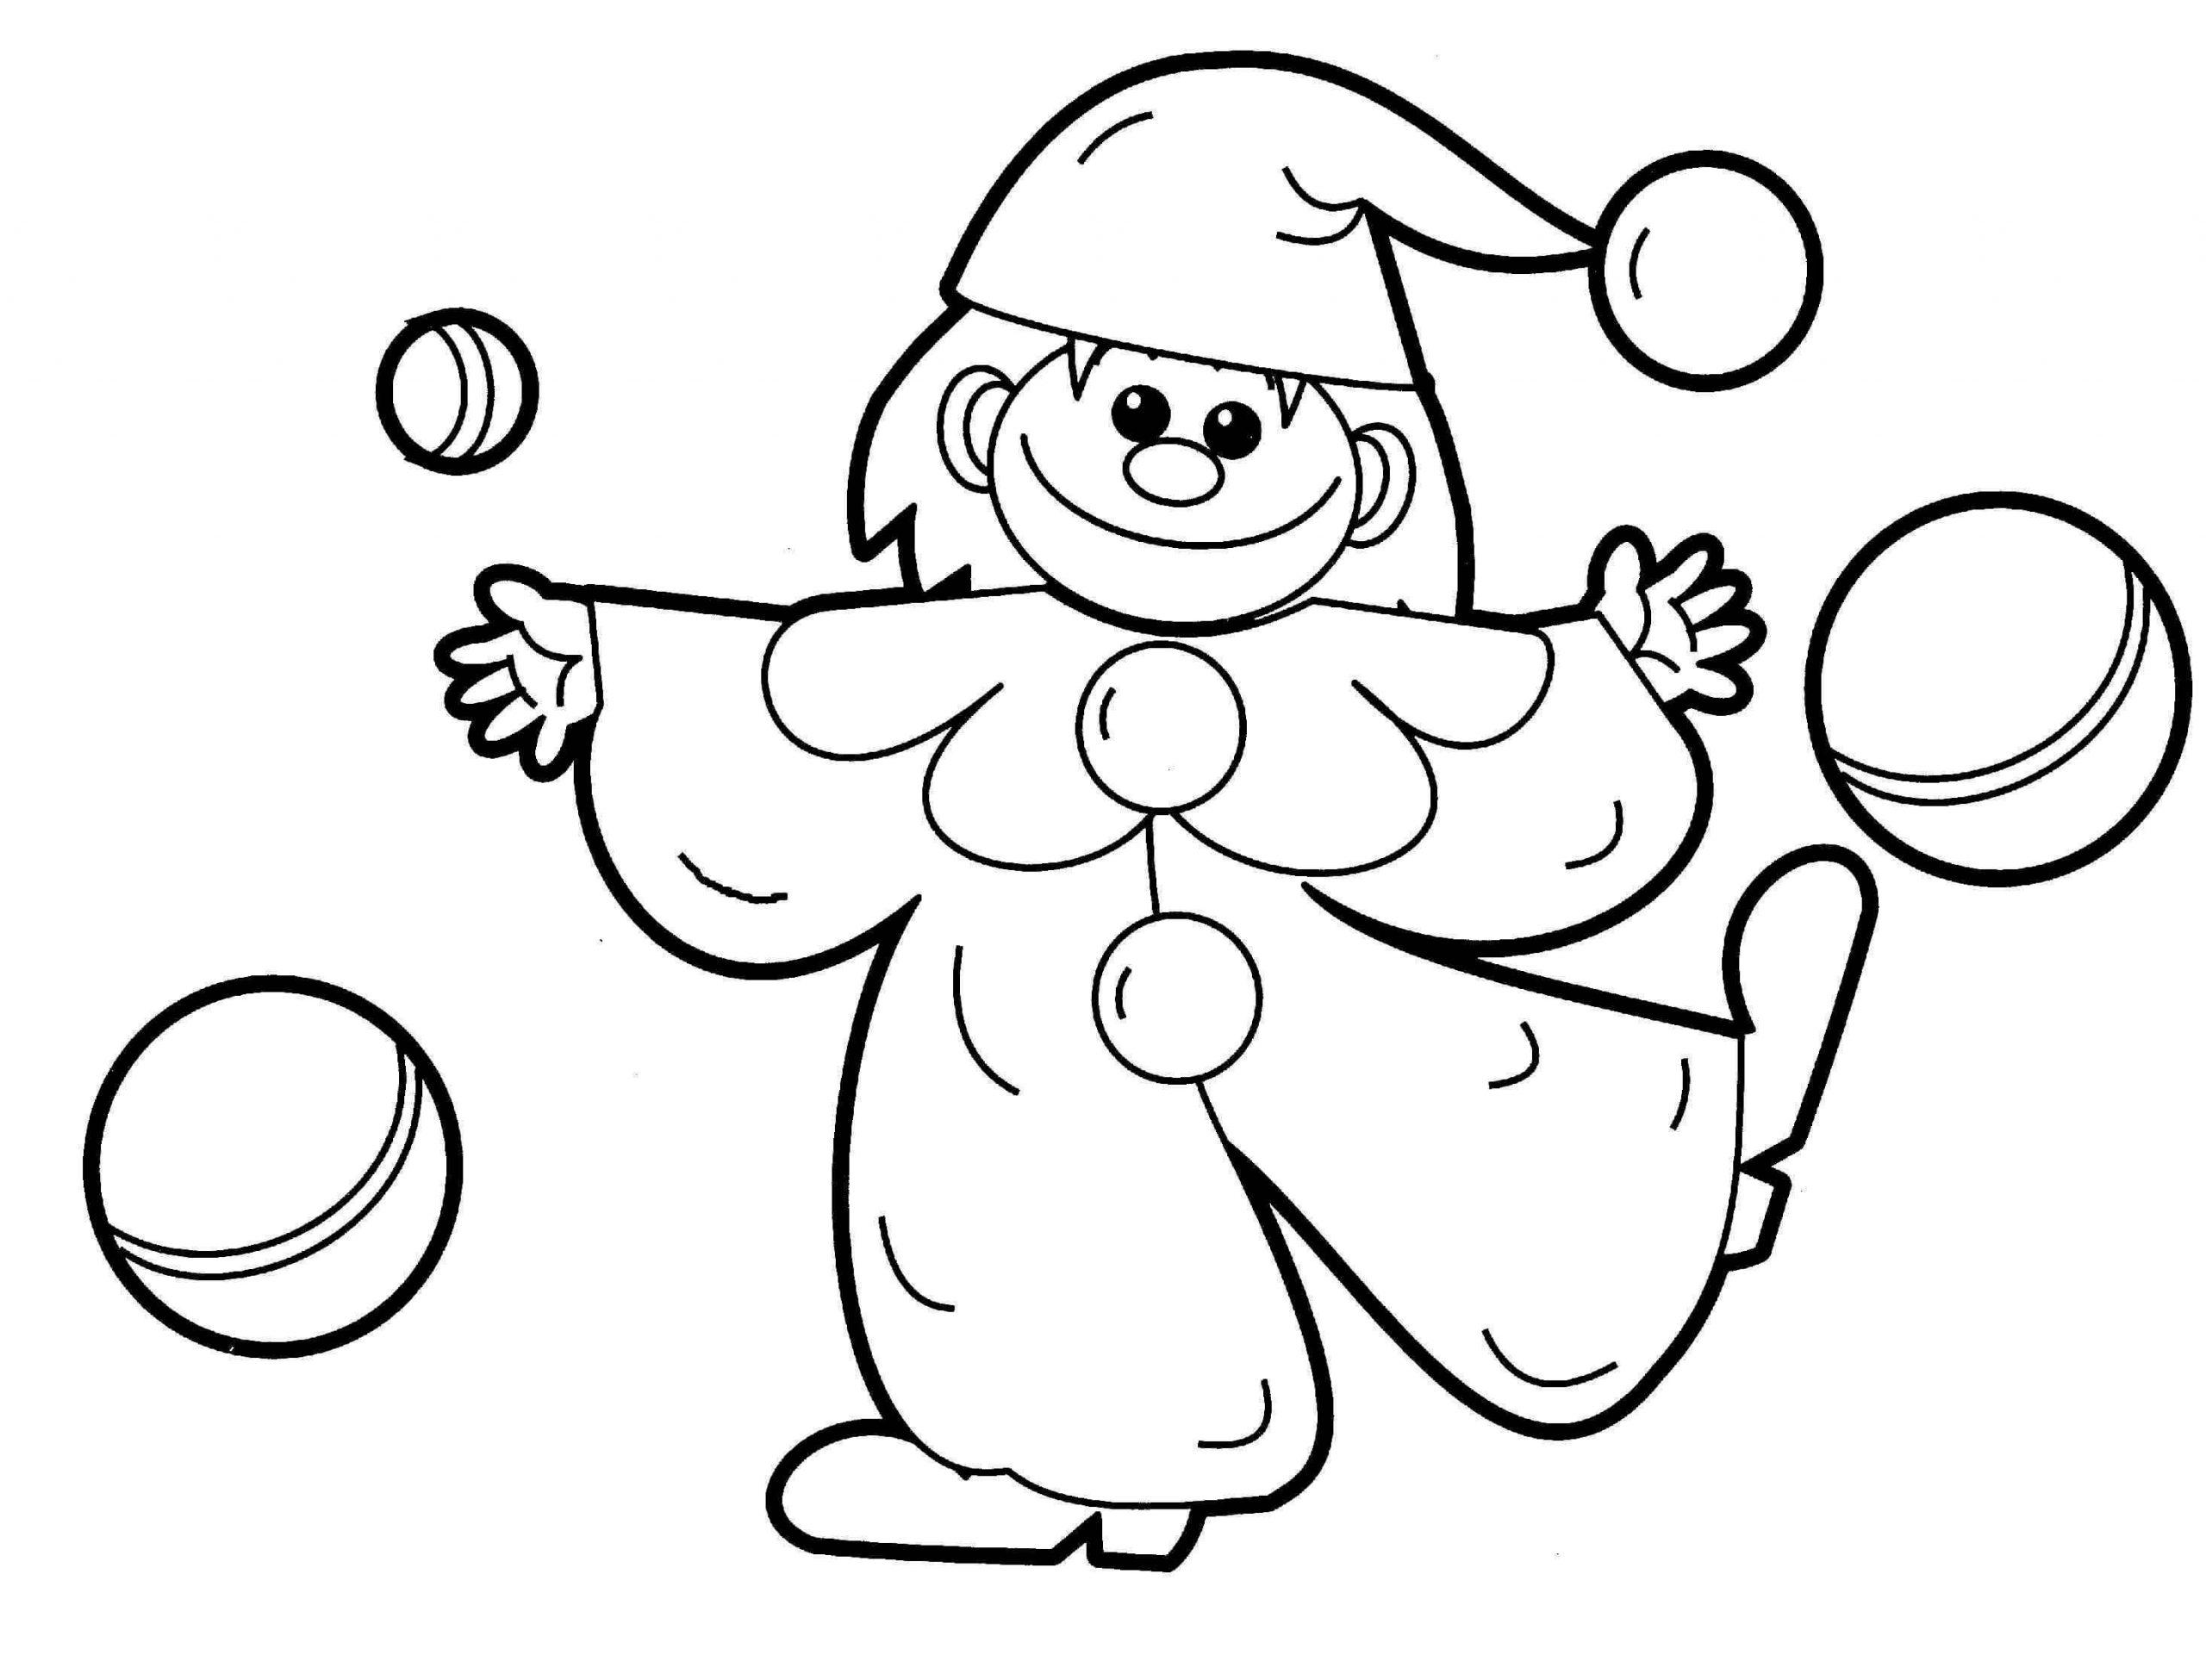 Desenhos de Brinquedo para Colorir